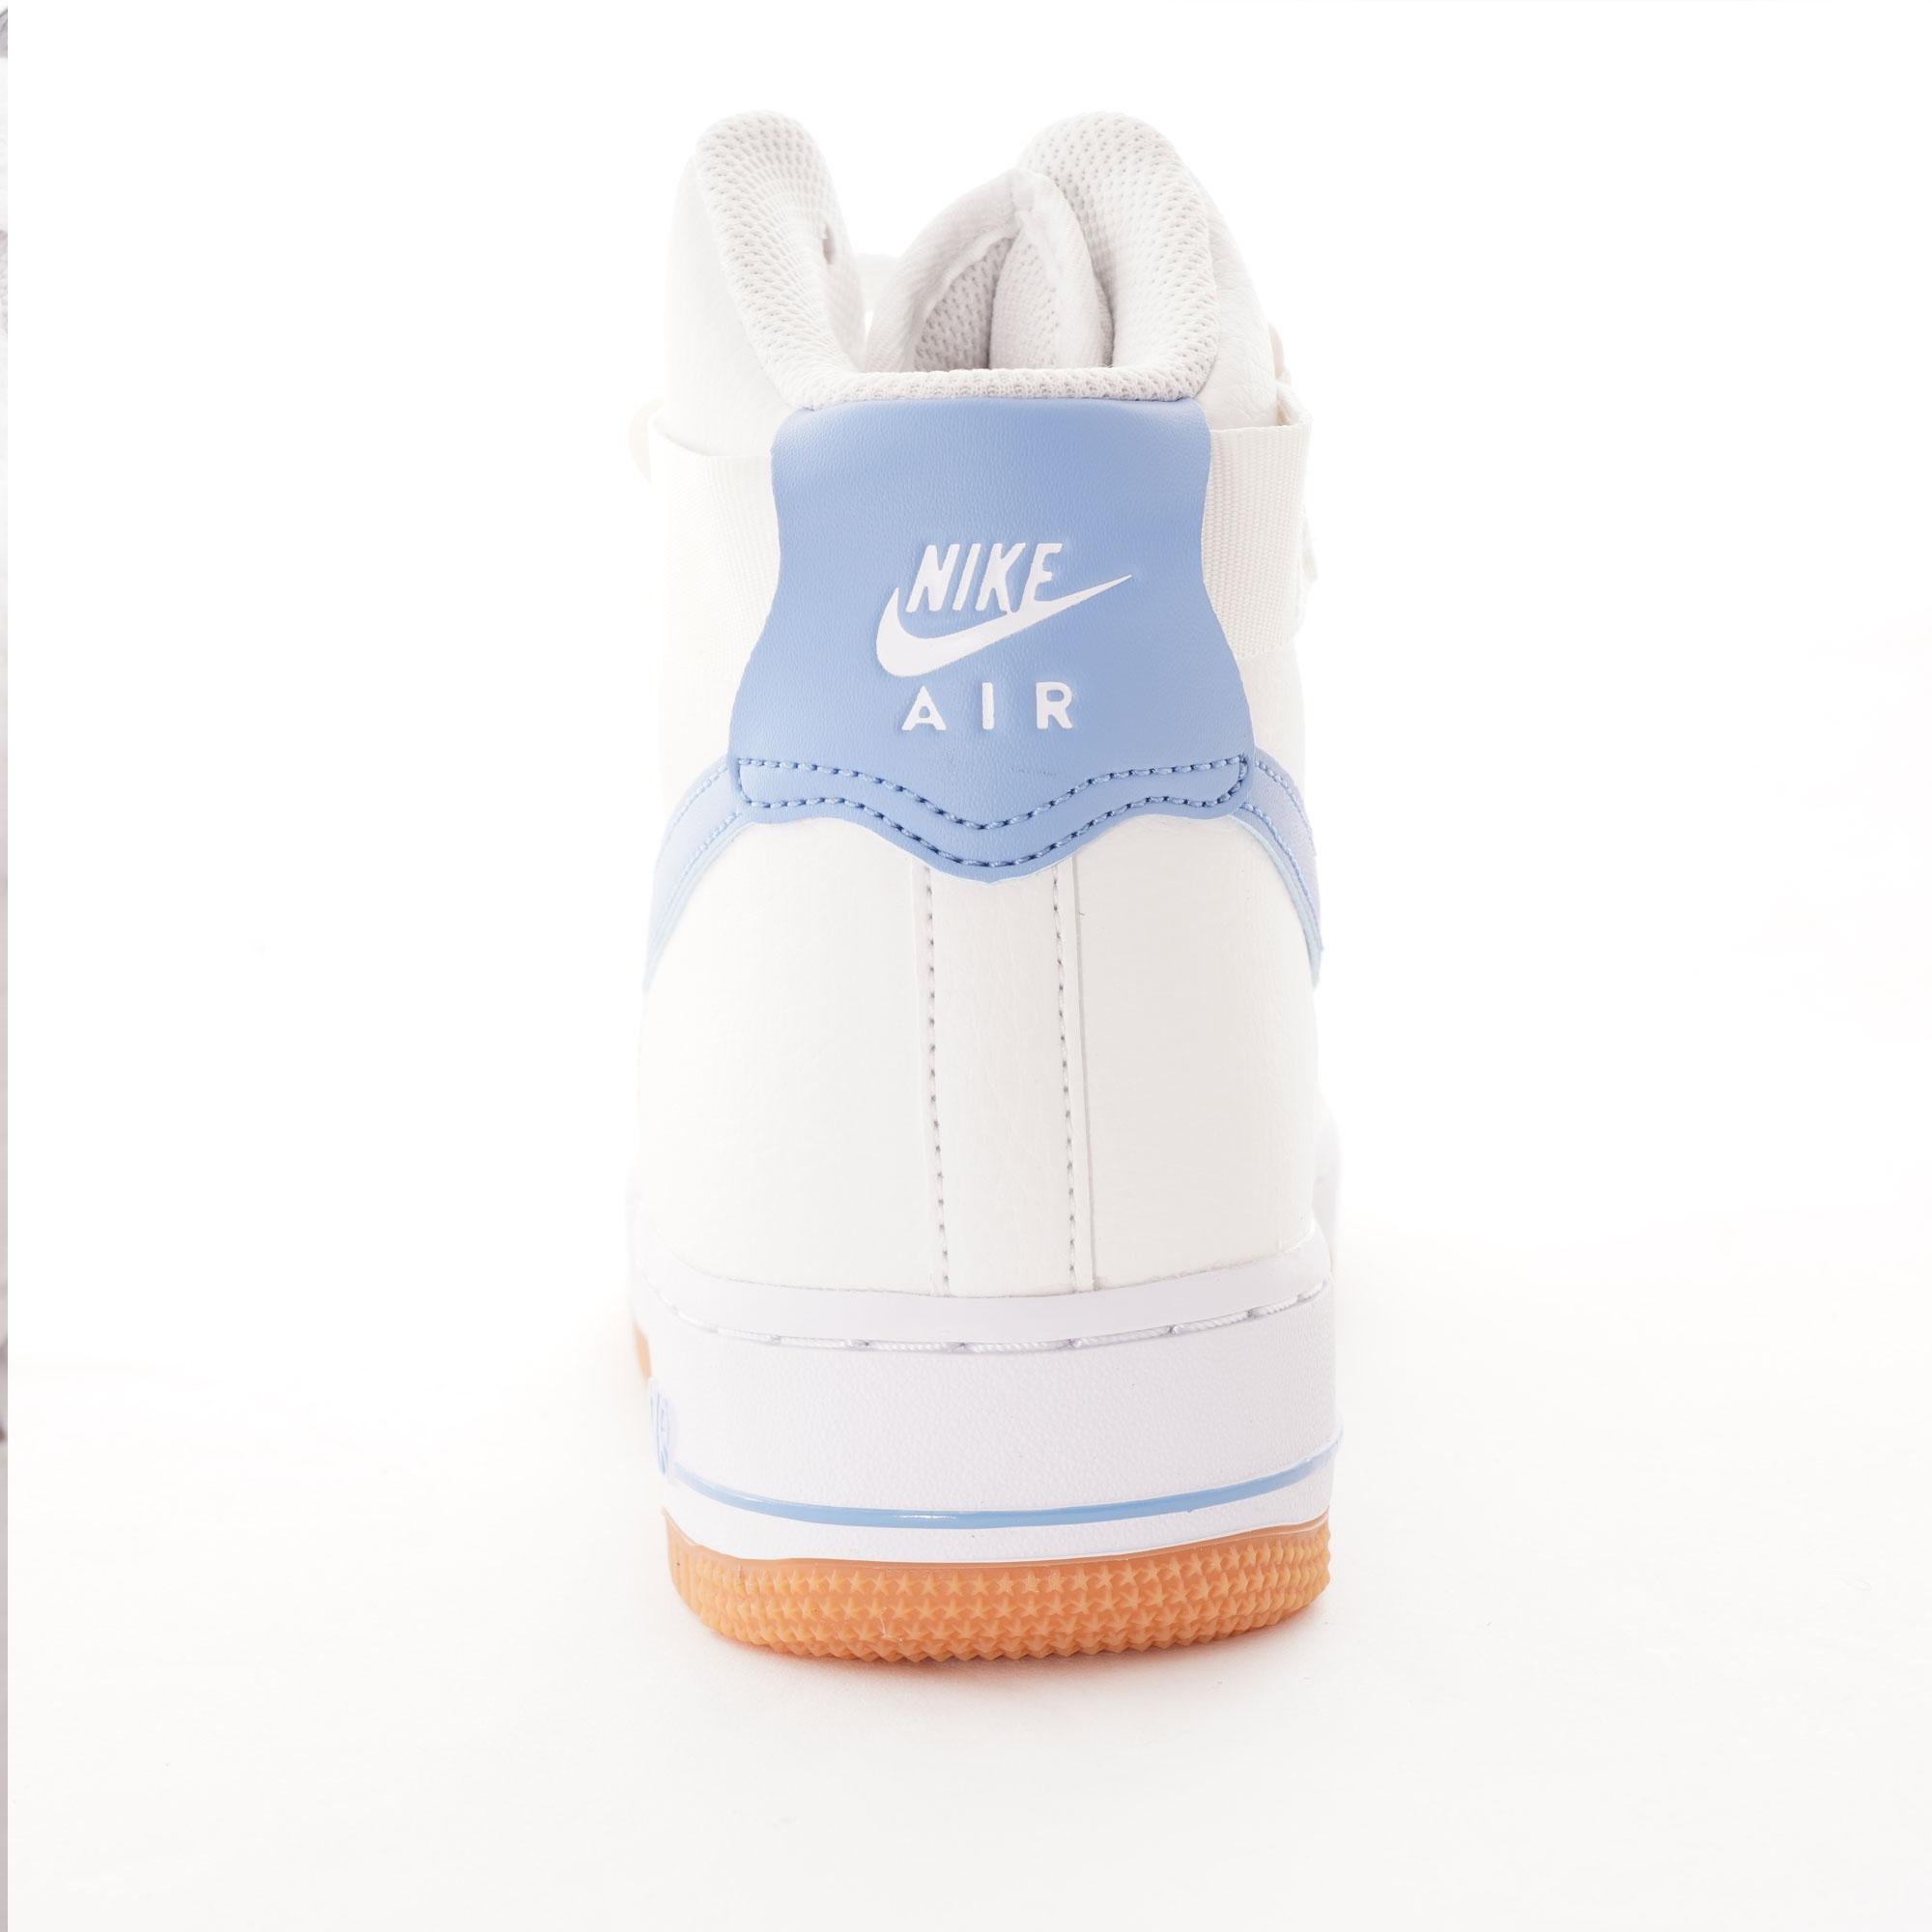 Nike Womens Women's Air Force 1 High - White & Blue